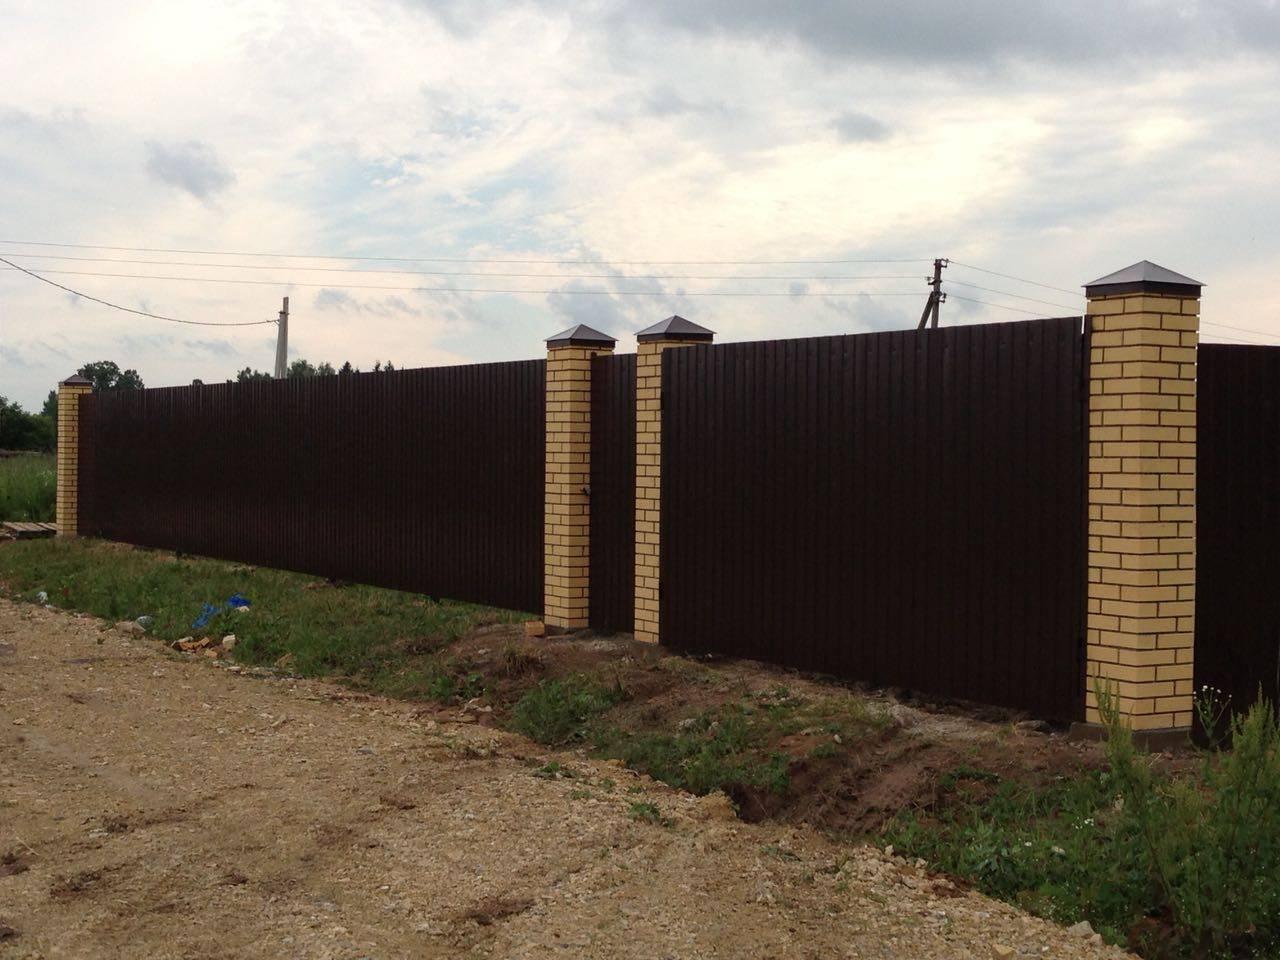 Установка фундамента для забора в москве. цена на ленточный фундамент для забора от производителя «дачный забор»